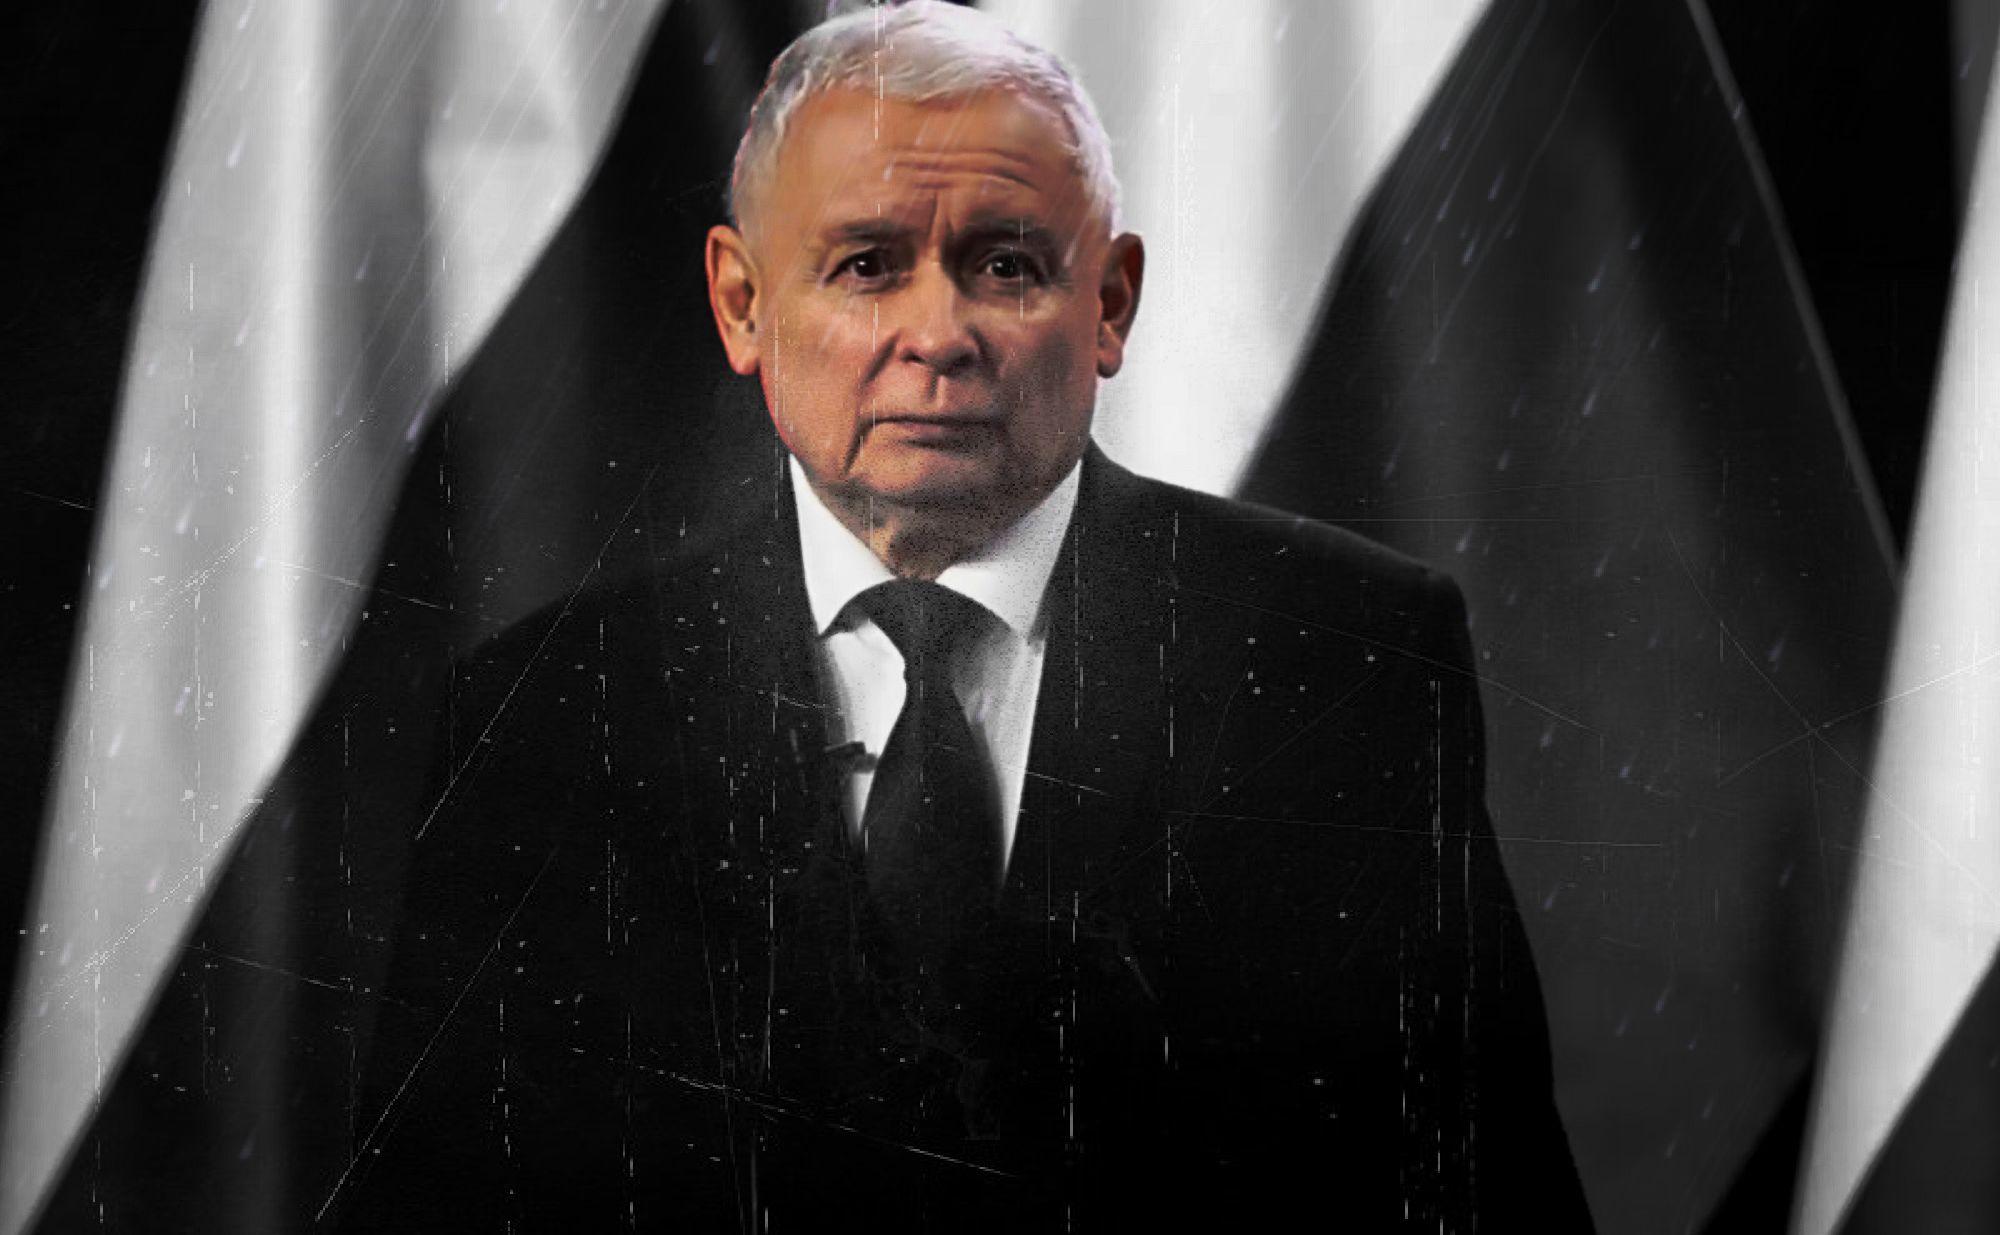 Oszaleli?! Kaczyński o włos od ŚMIERCI w Warszawie